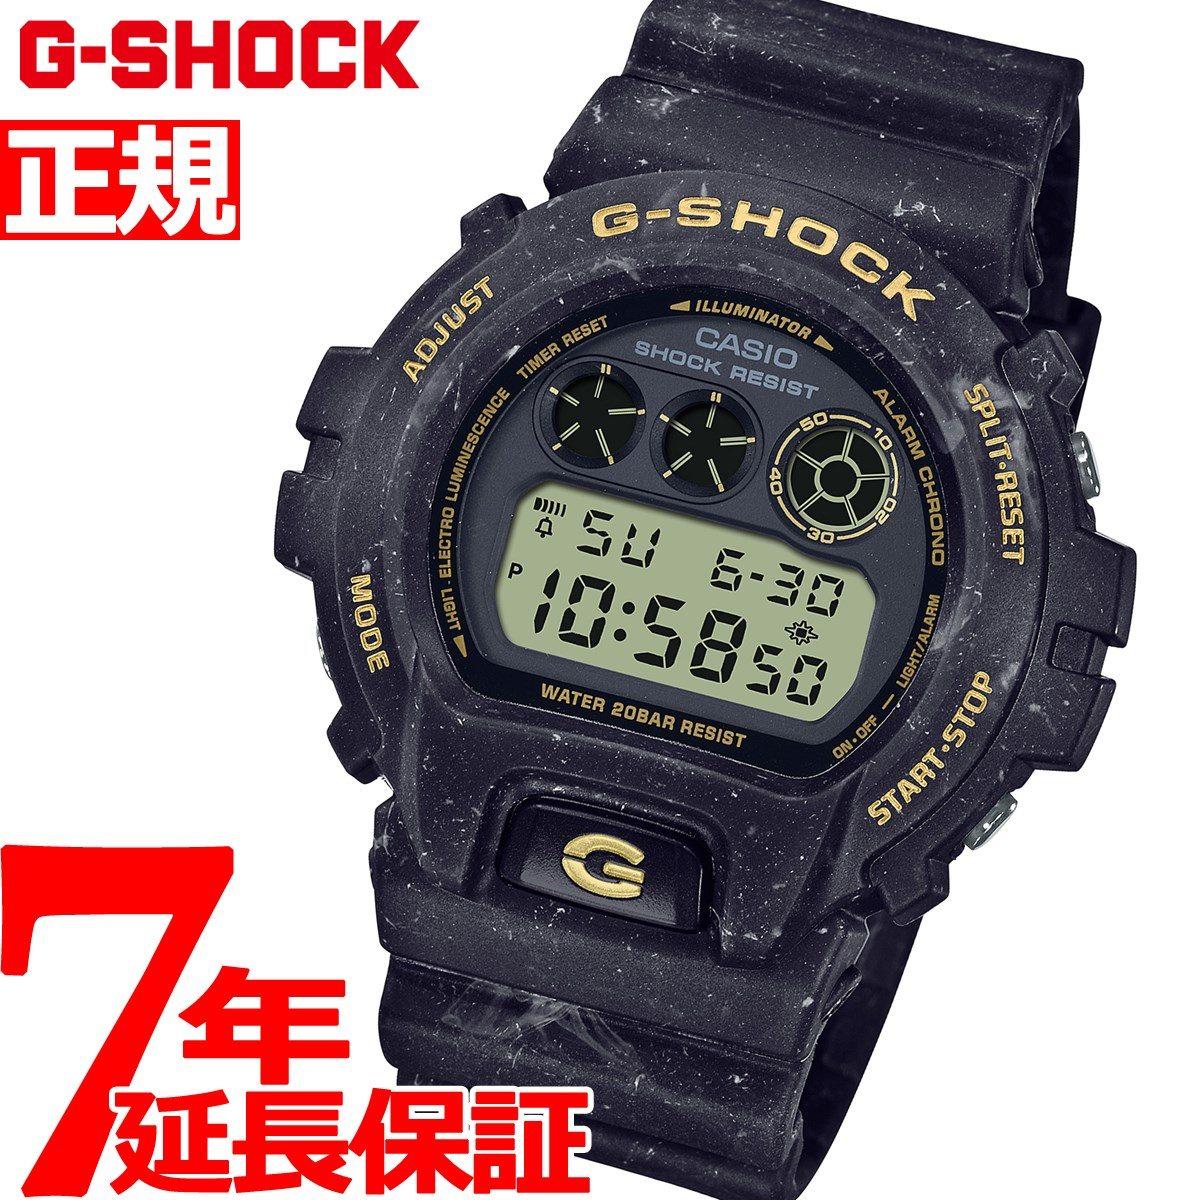 腕時計, メンズ腕時計 2000OFF58.5G-SHOCK CASIO DW-6900WS-1JF2021